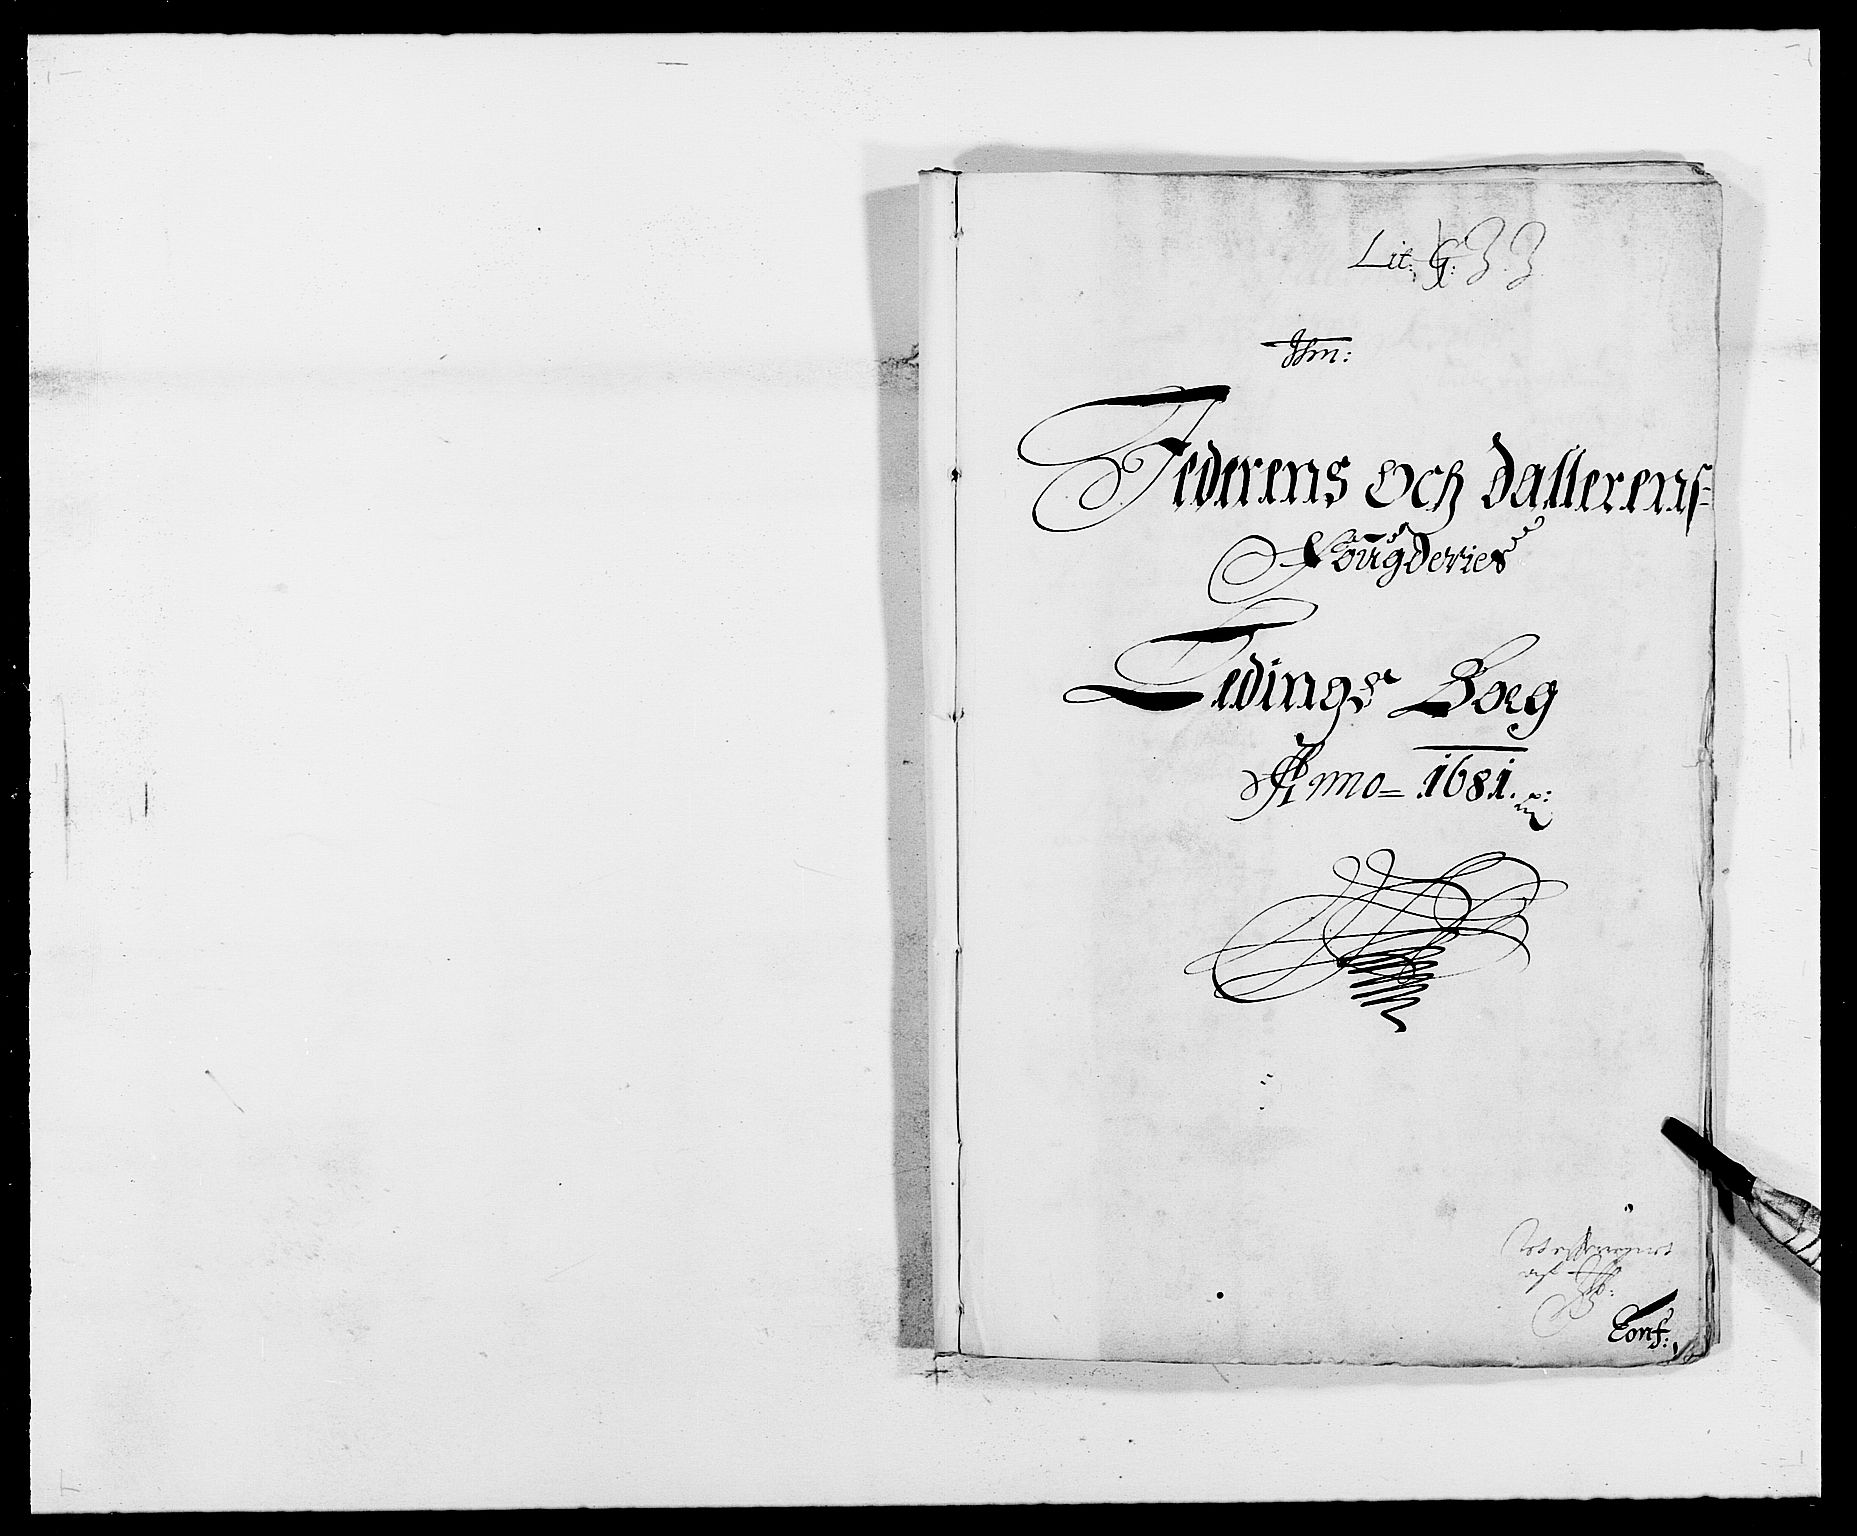 RA, Rentekammeret inntil 1814, Reviderte regnskaper, Fogderegnskap, R46/L2722: Fogderegnskap Jæren og Dalane, 1681, s. 163